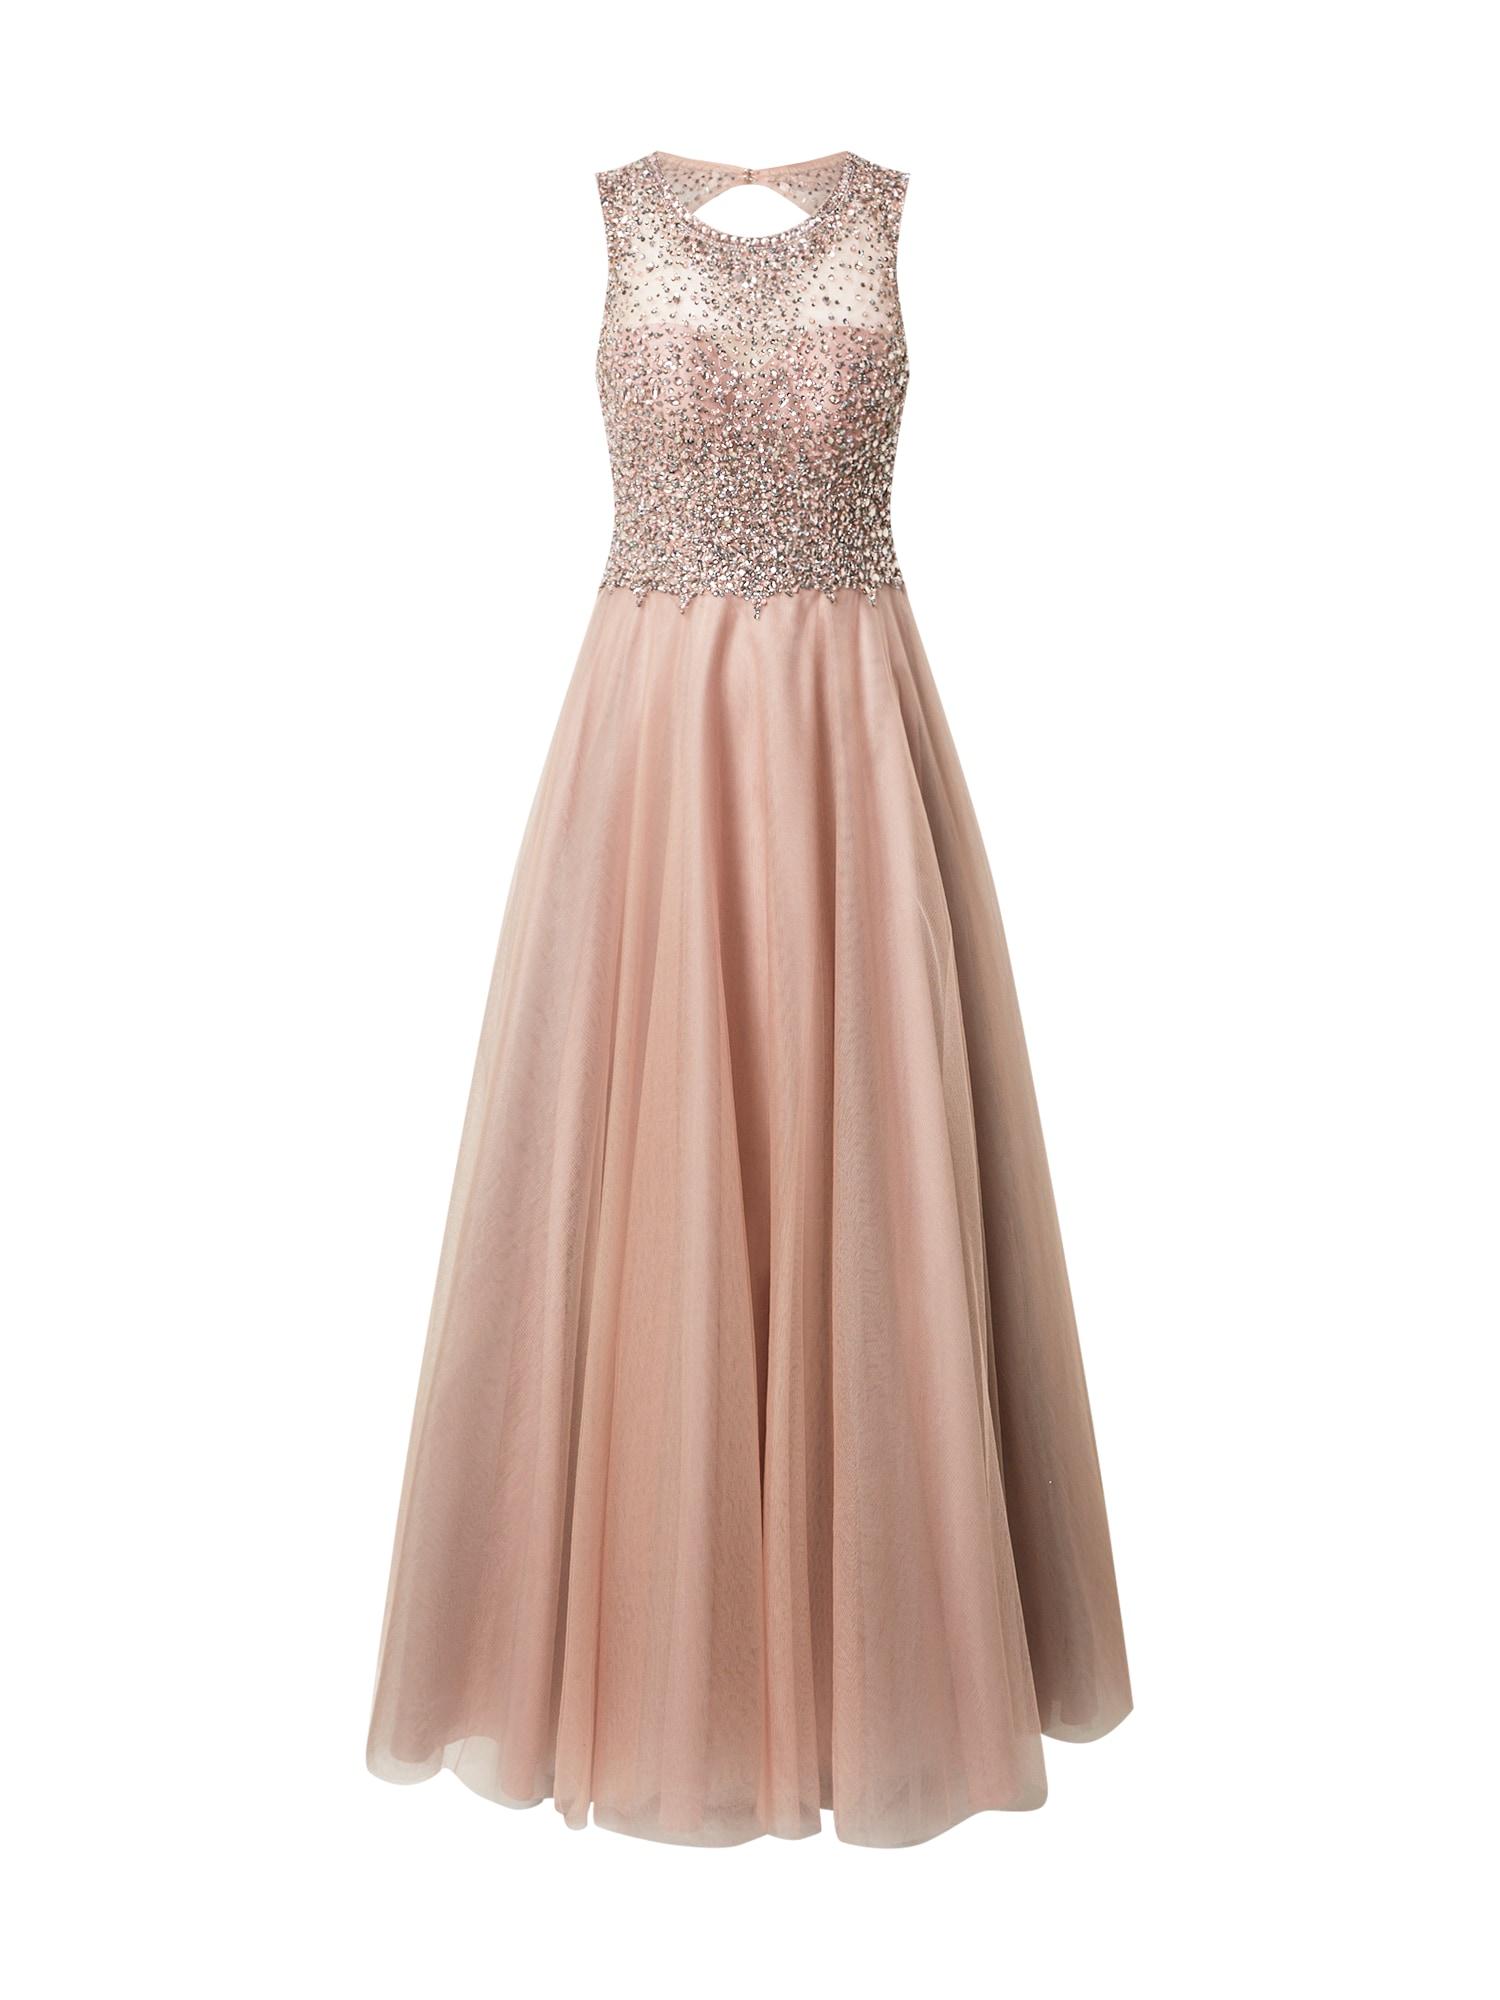 Unique Vakarinė suknelė ryškiai rožinė spalva